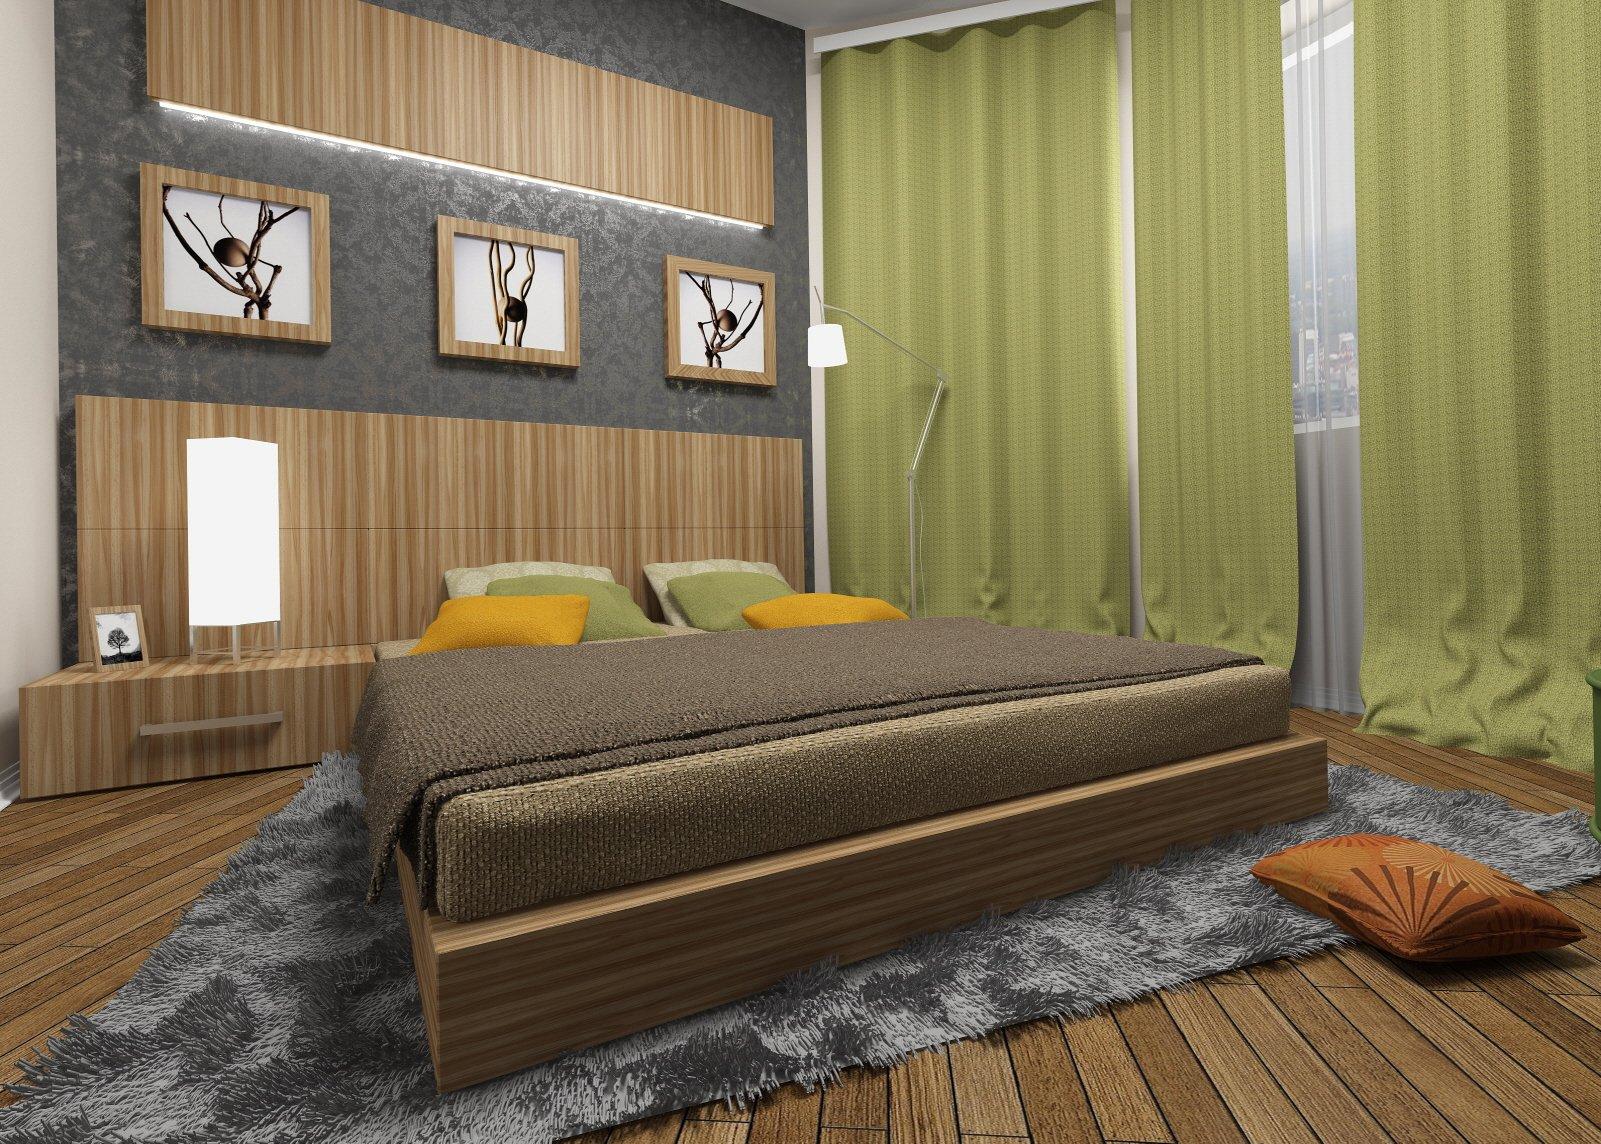 Дизайн интерьера спальни в стиле ЭКО